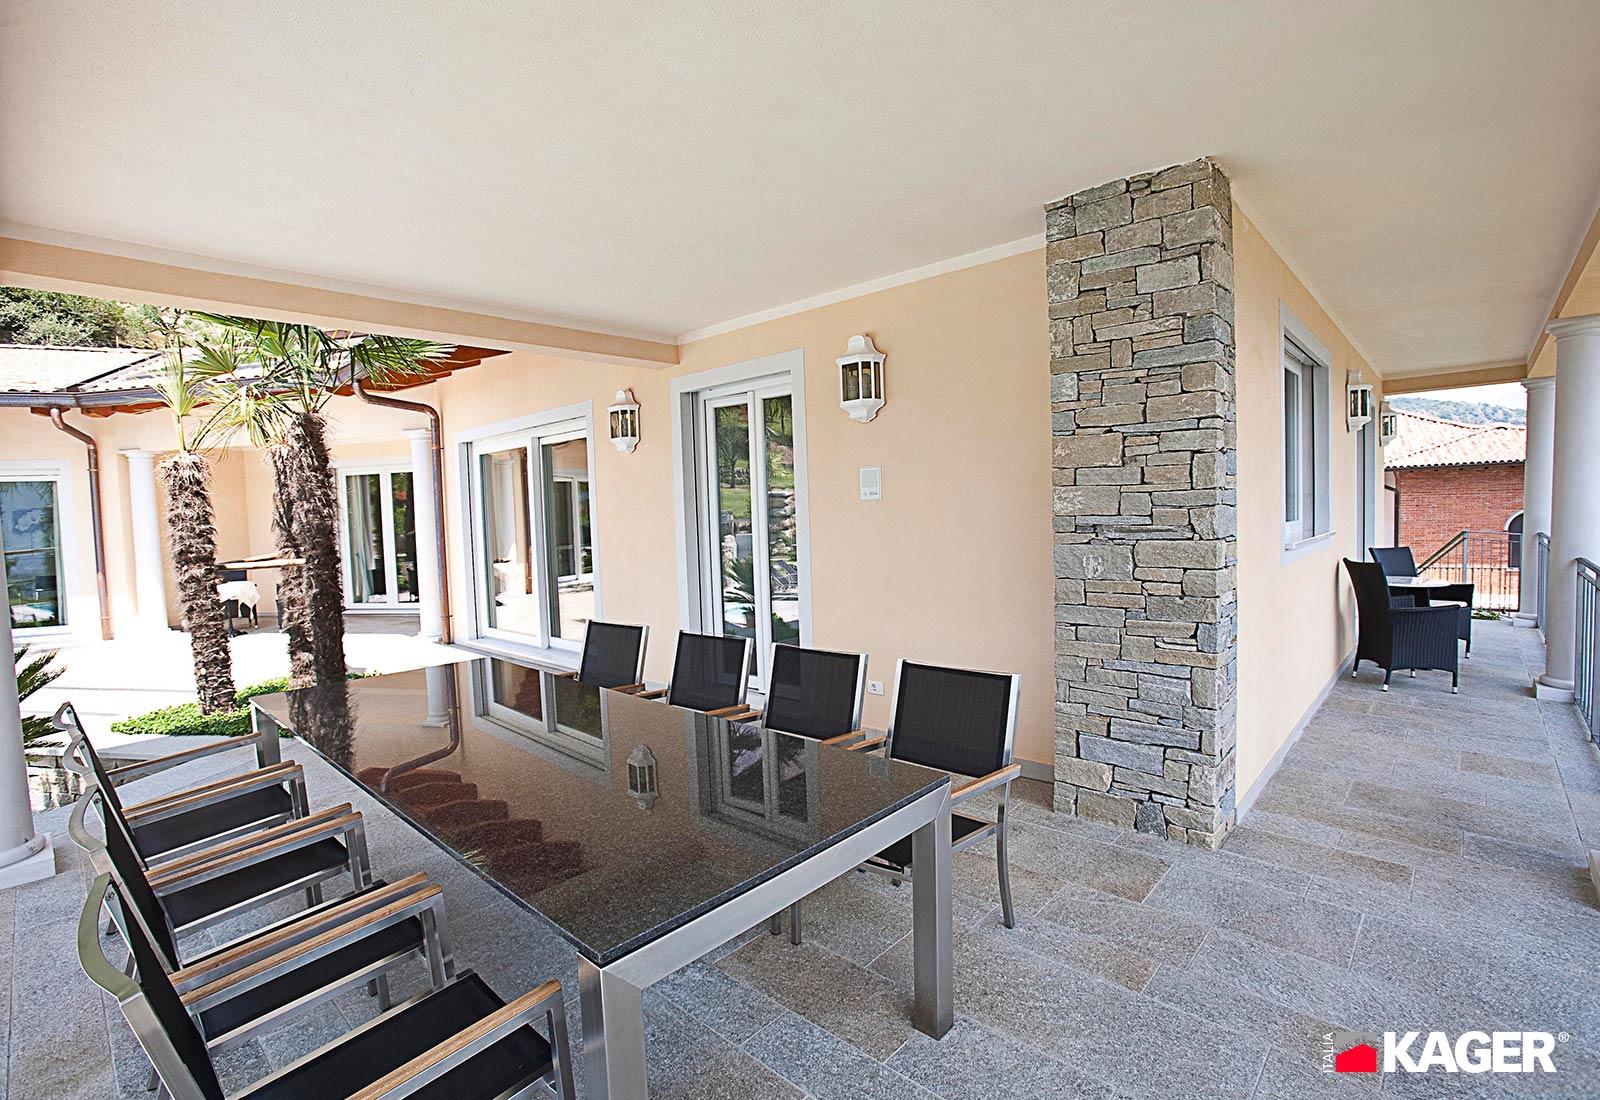 Casa-in-legno-Mezzegra-Como-Kager-Italia-11